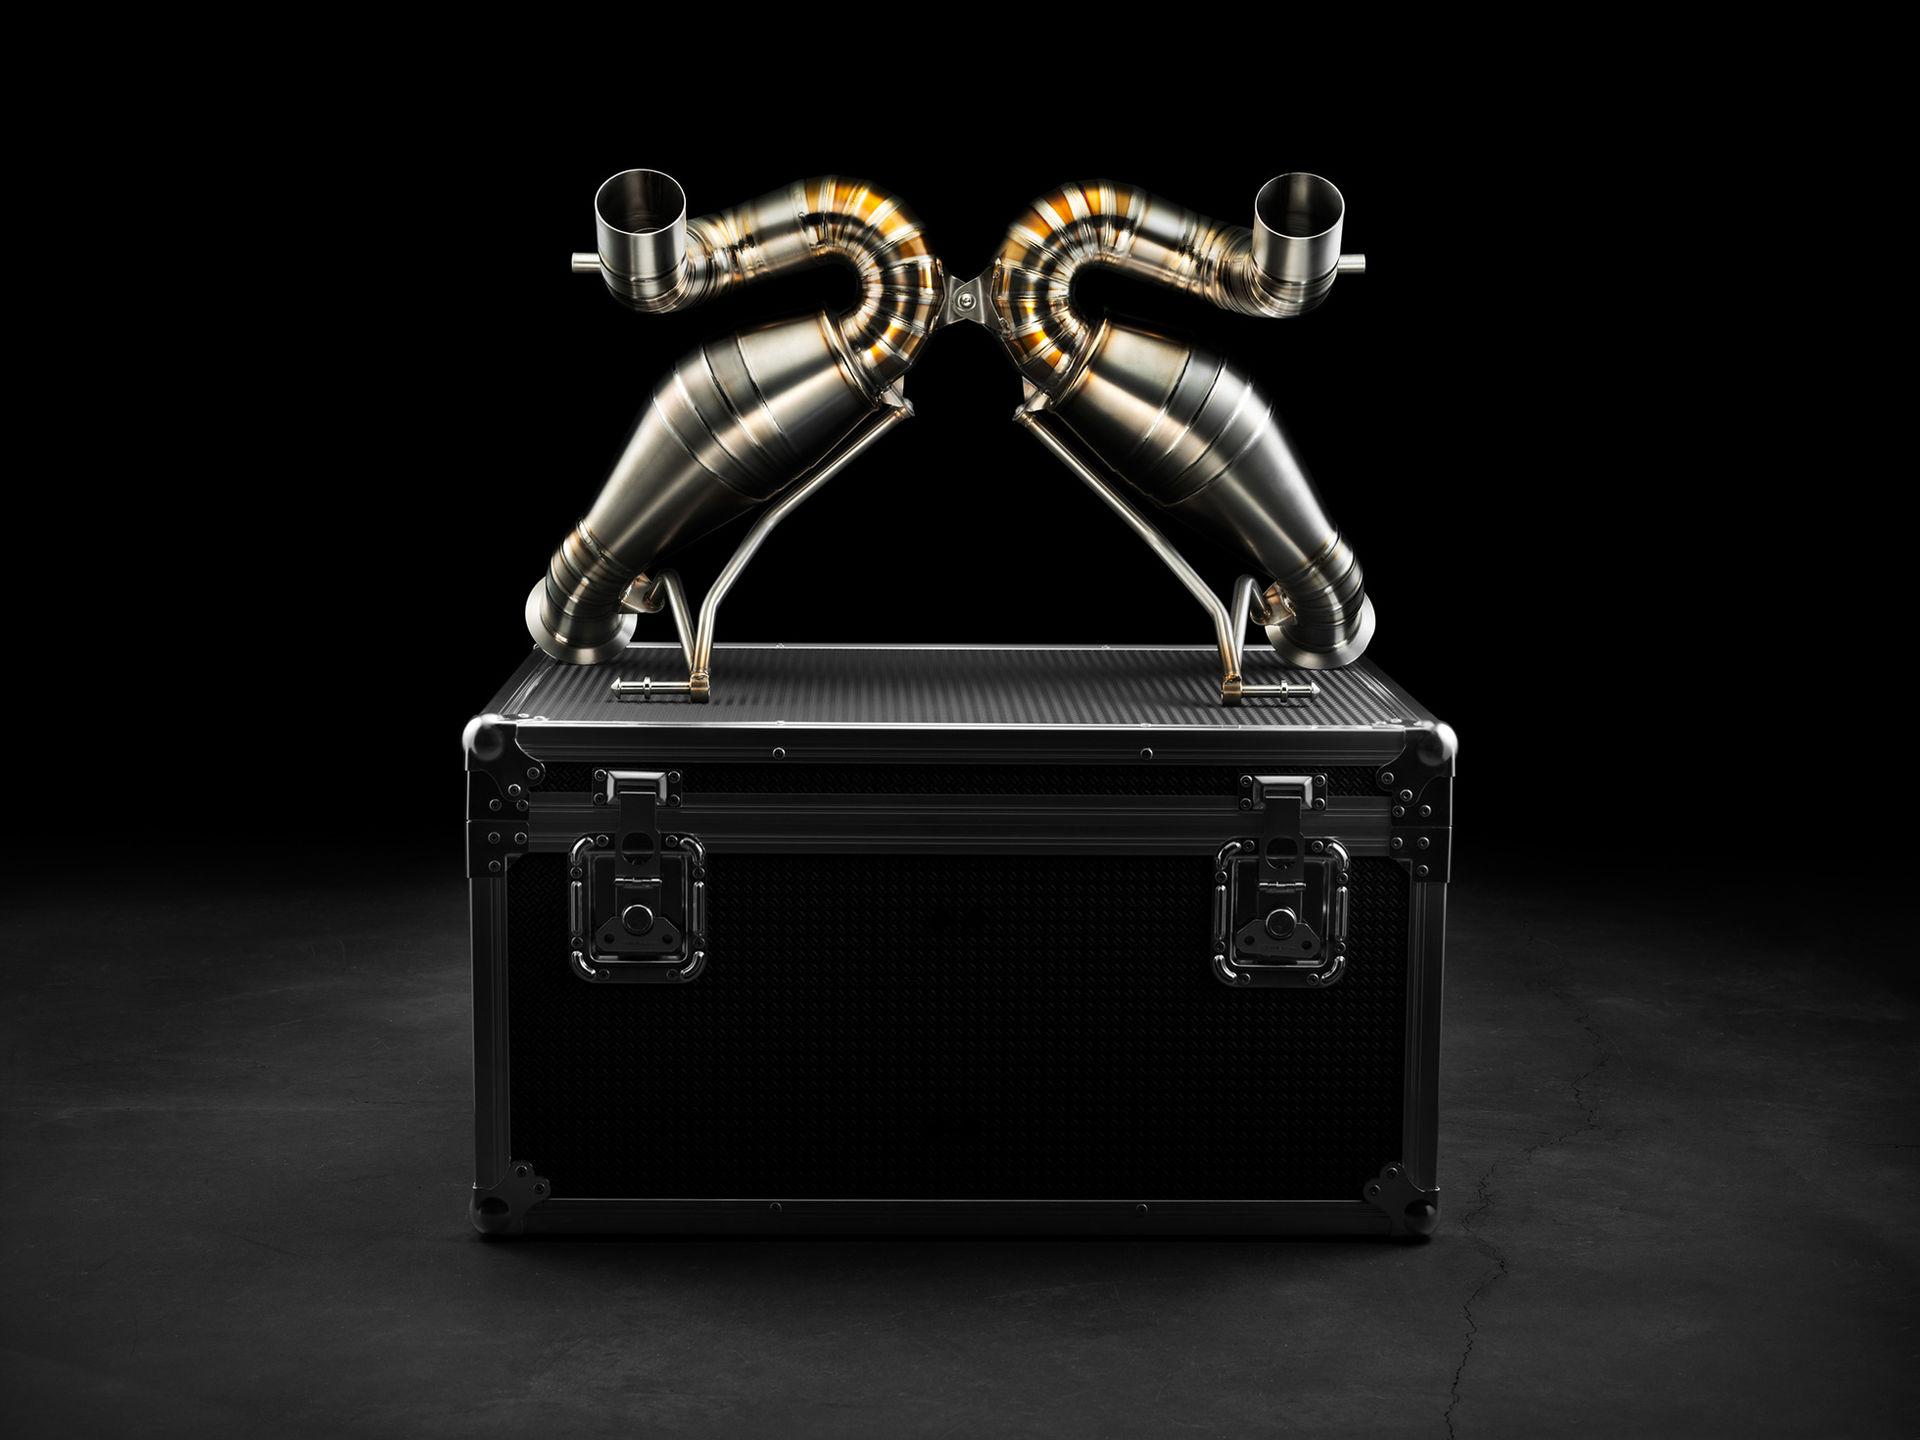 Valentino Balboni släpper avgassystem till Aventador SVJ